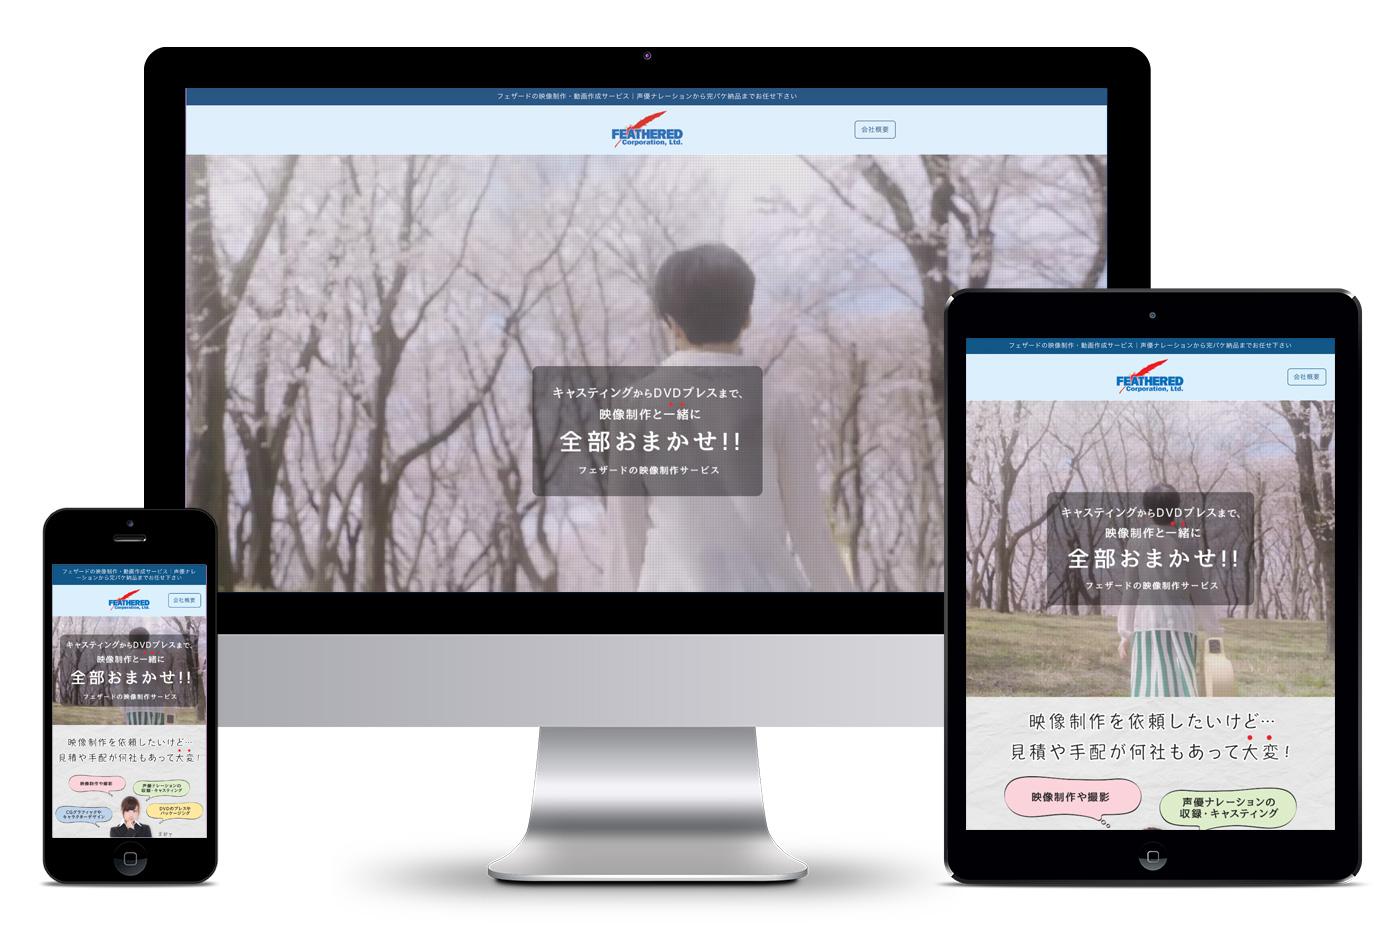 背景動画を使用した、映像制作サービスのランディングページ制作事例